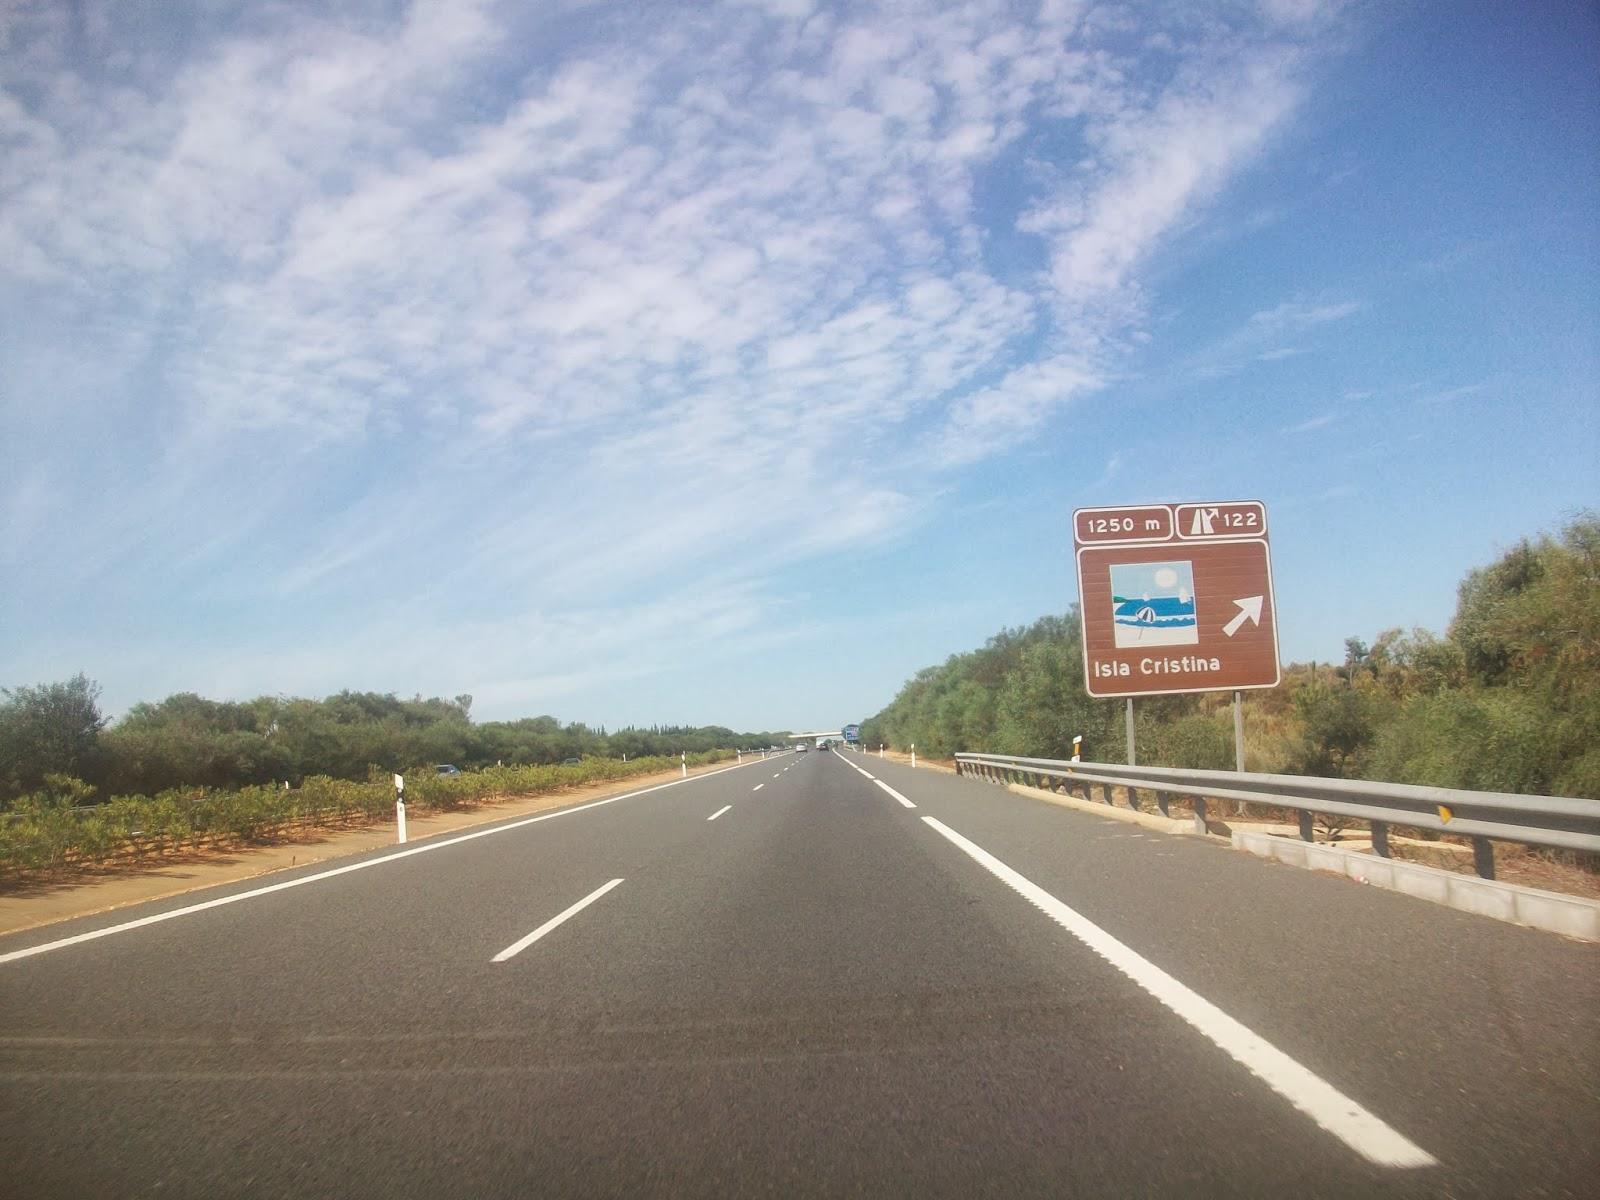 Fomento anuncia la construcción de un nuevo acceso a Isla Cristina desde la A-49